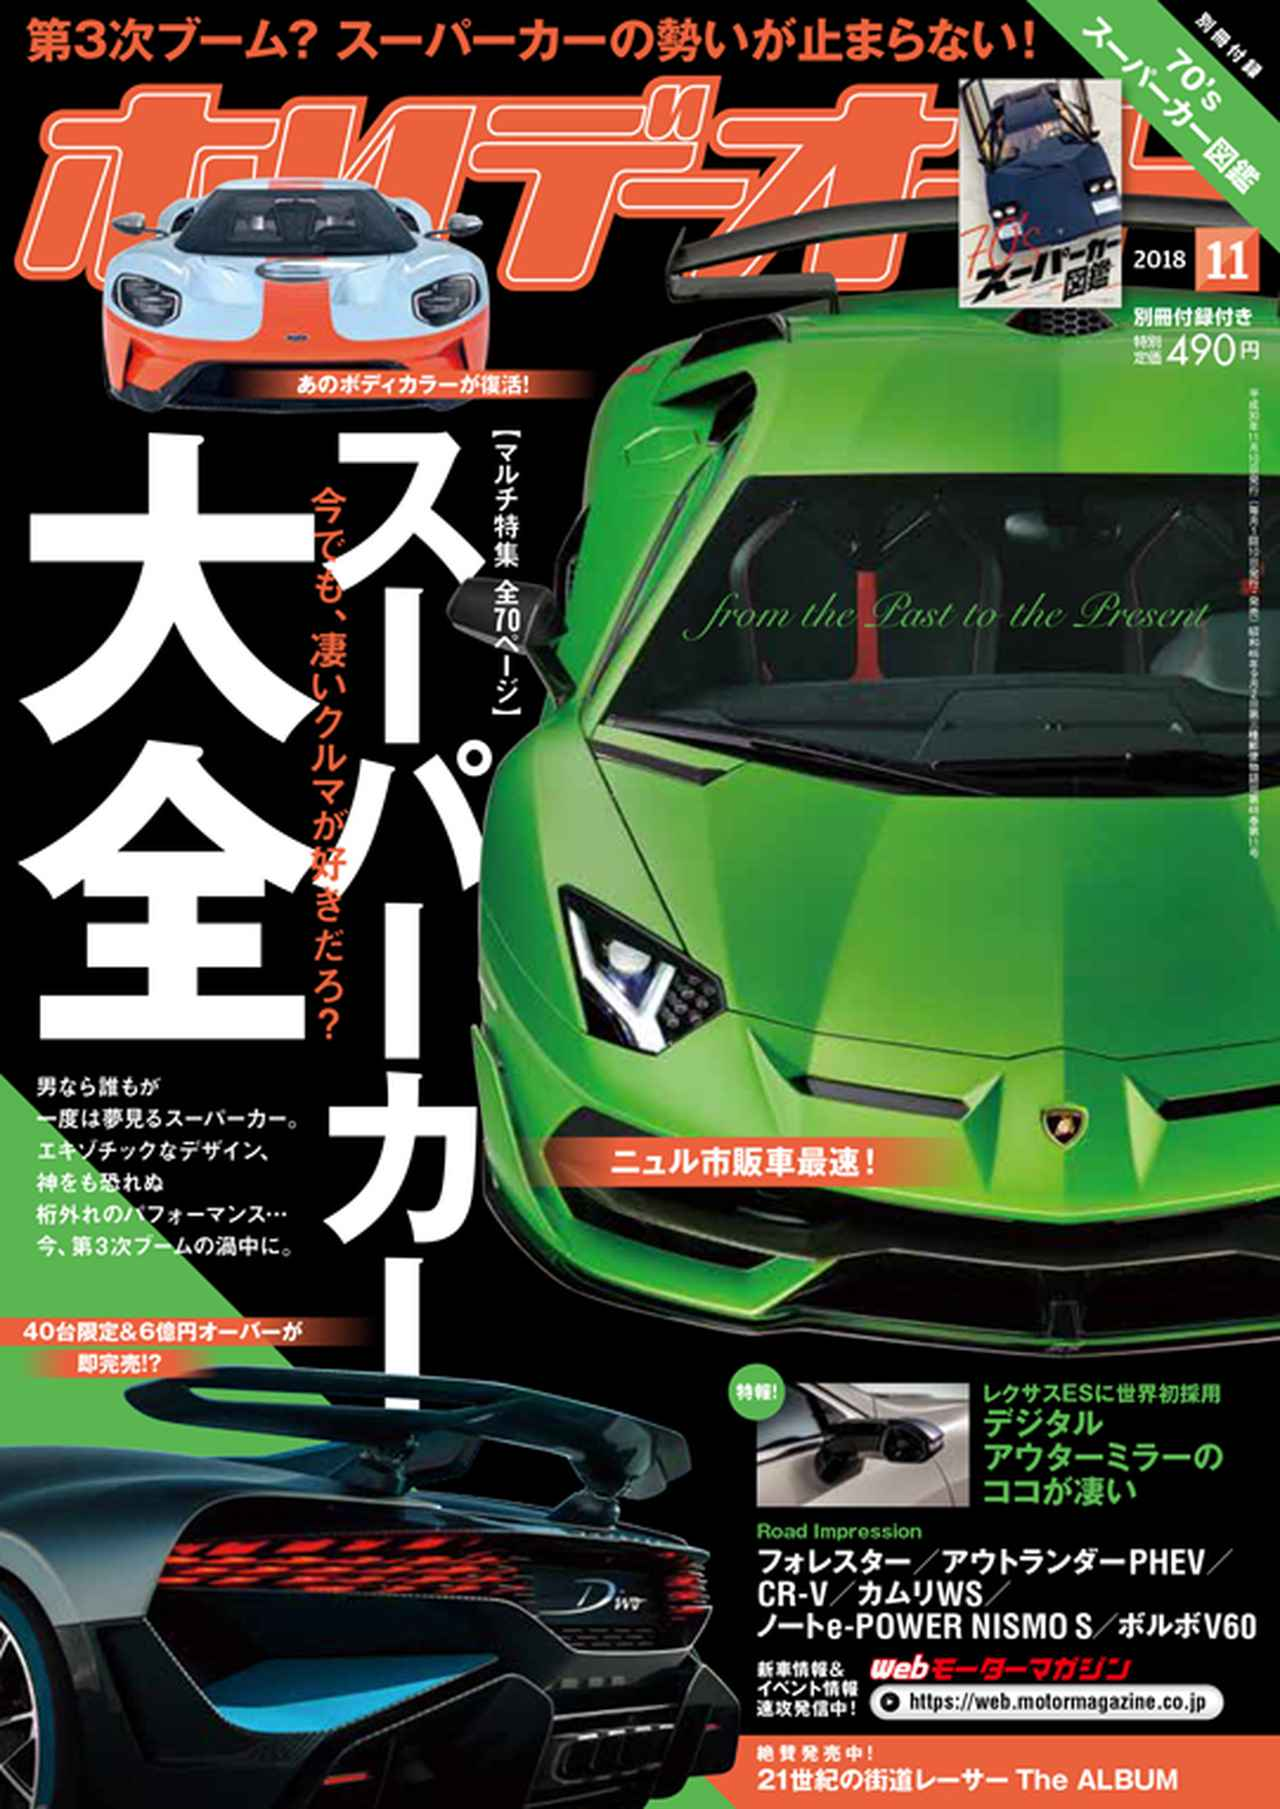 チゼータ V16T 【スーパーカー第二黄金期】バブルな時代のスーパーカーたち(その6)